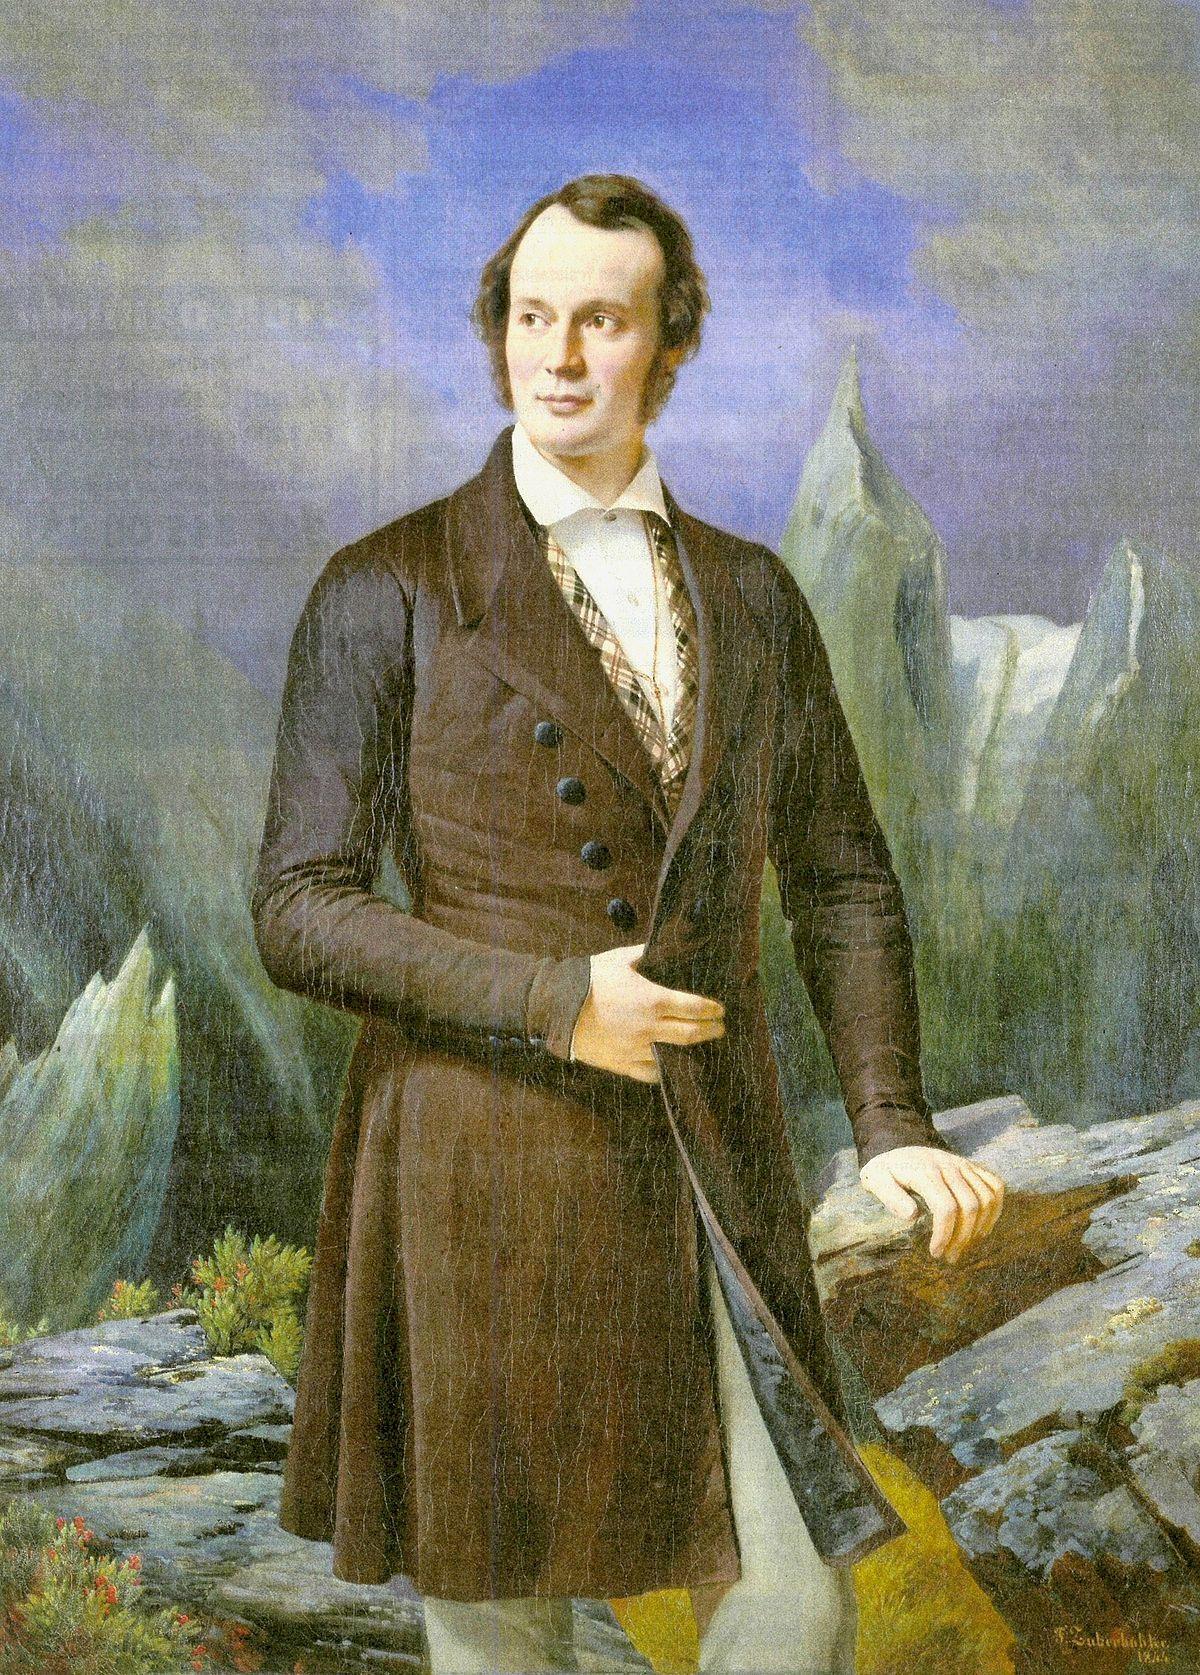 Portrait of Louis Agassiz (1840)